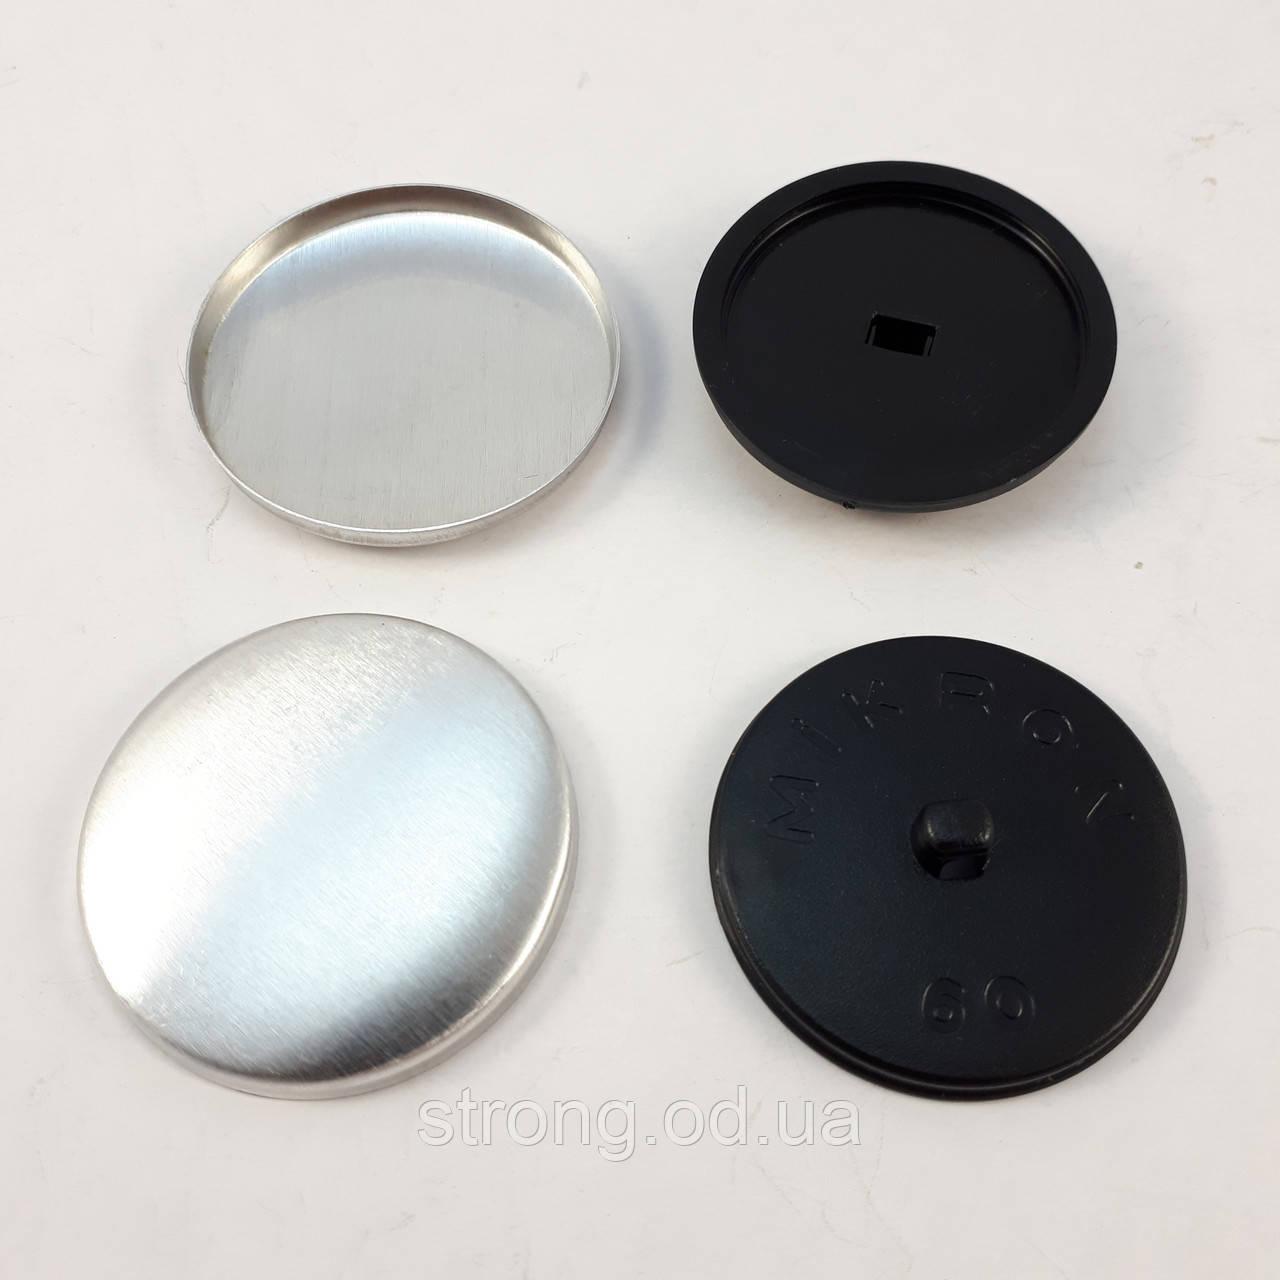 Пуговица под обтяжку на пластиковой ножке №60 - 37 мм Черная